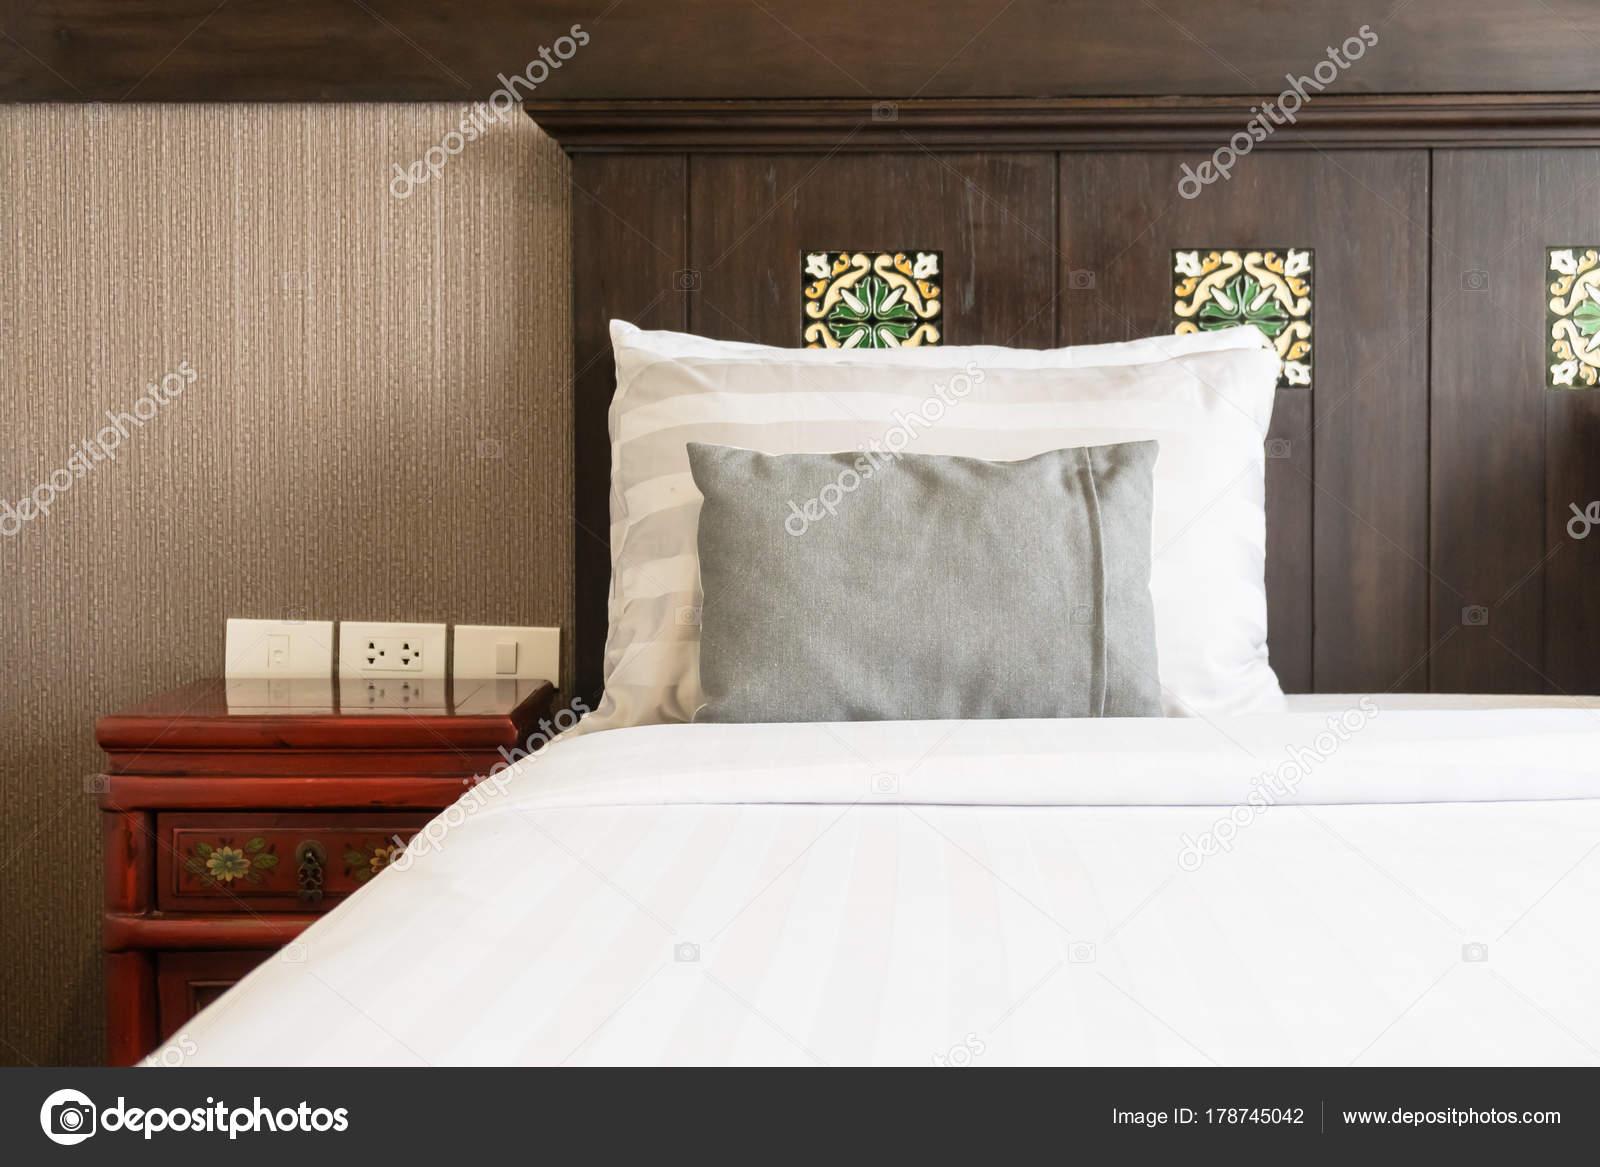 AuBergewohnlich Komfort Kissen Auf Dem Bett Mit Lampe Dekoration Hotel Schlafzimmer U2014  Stockfoto